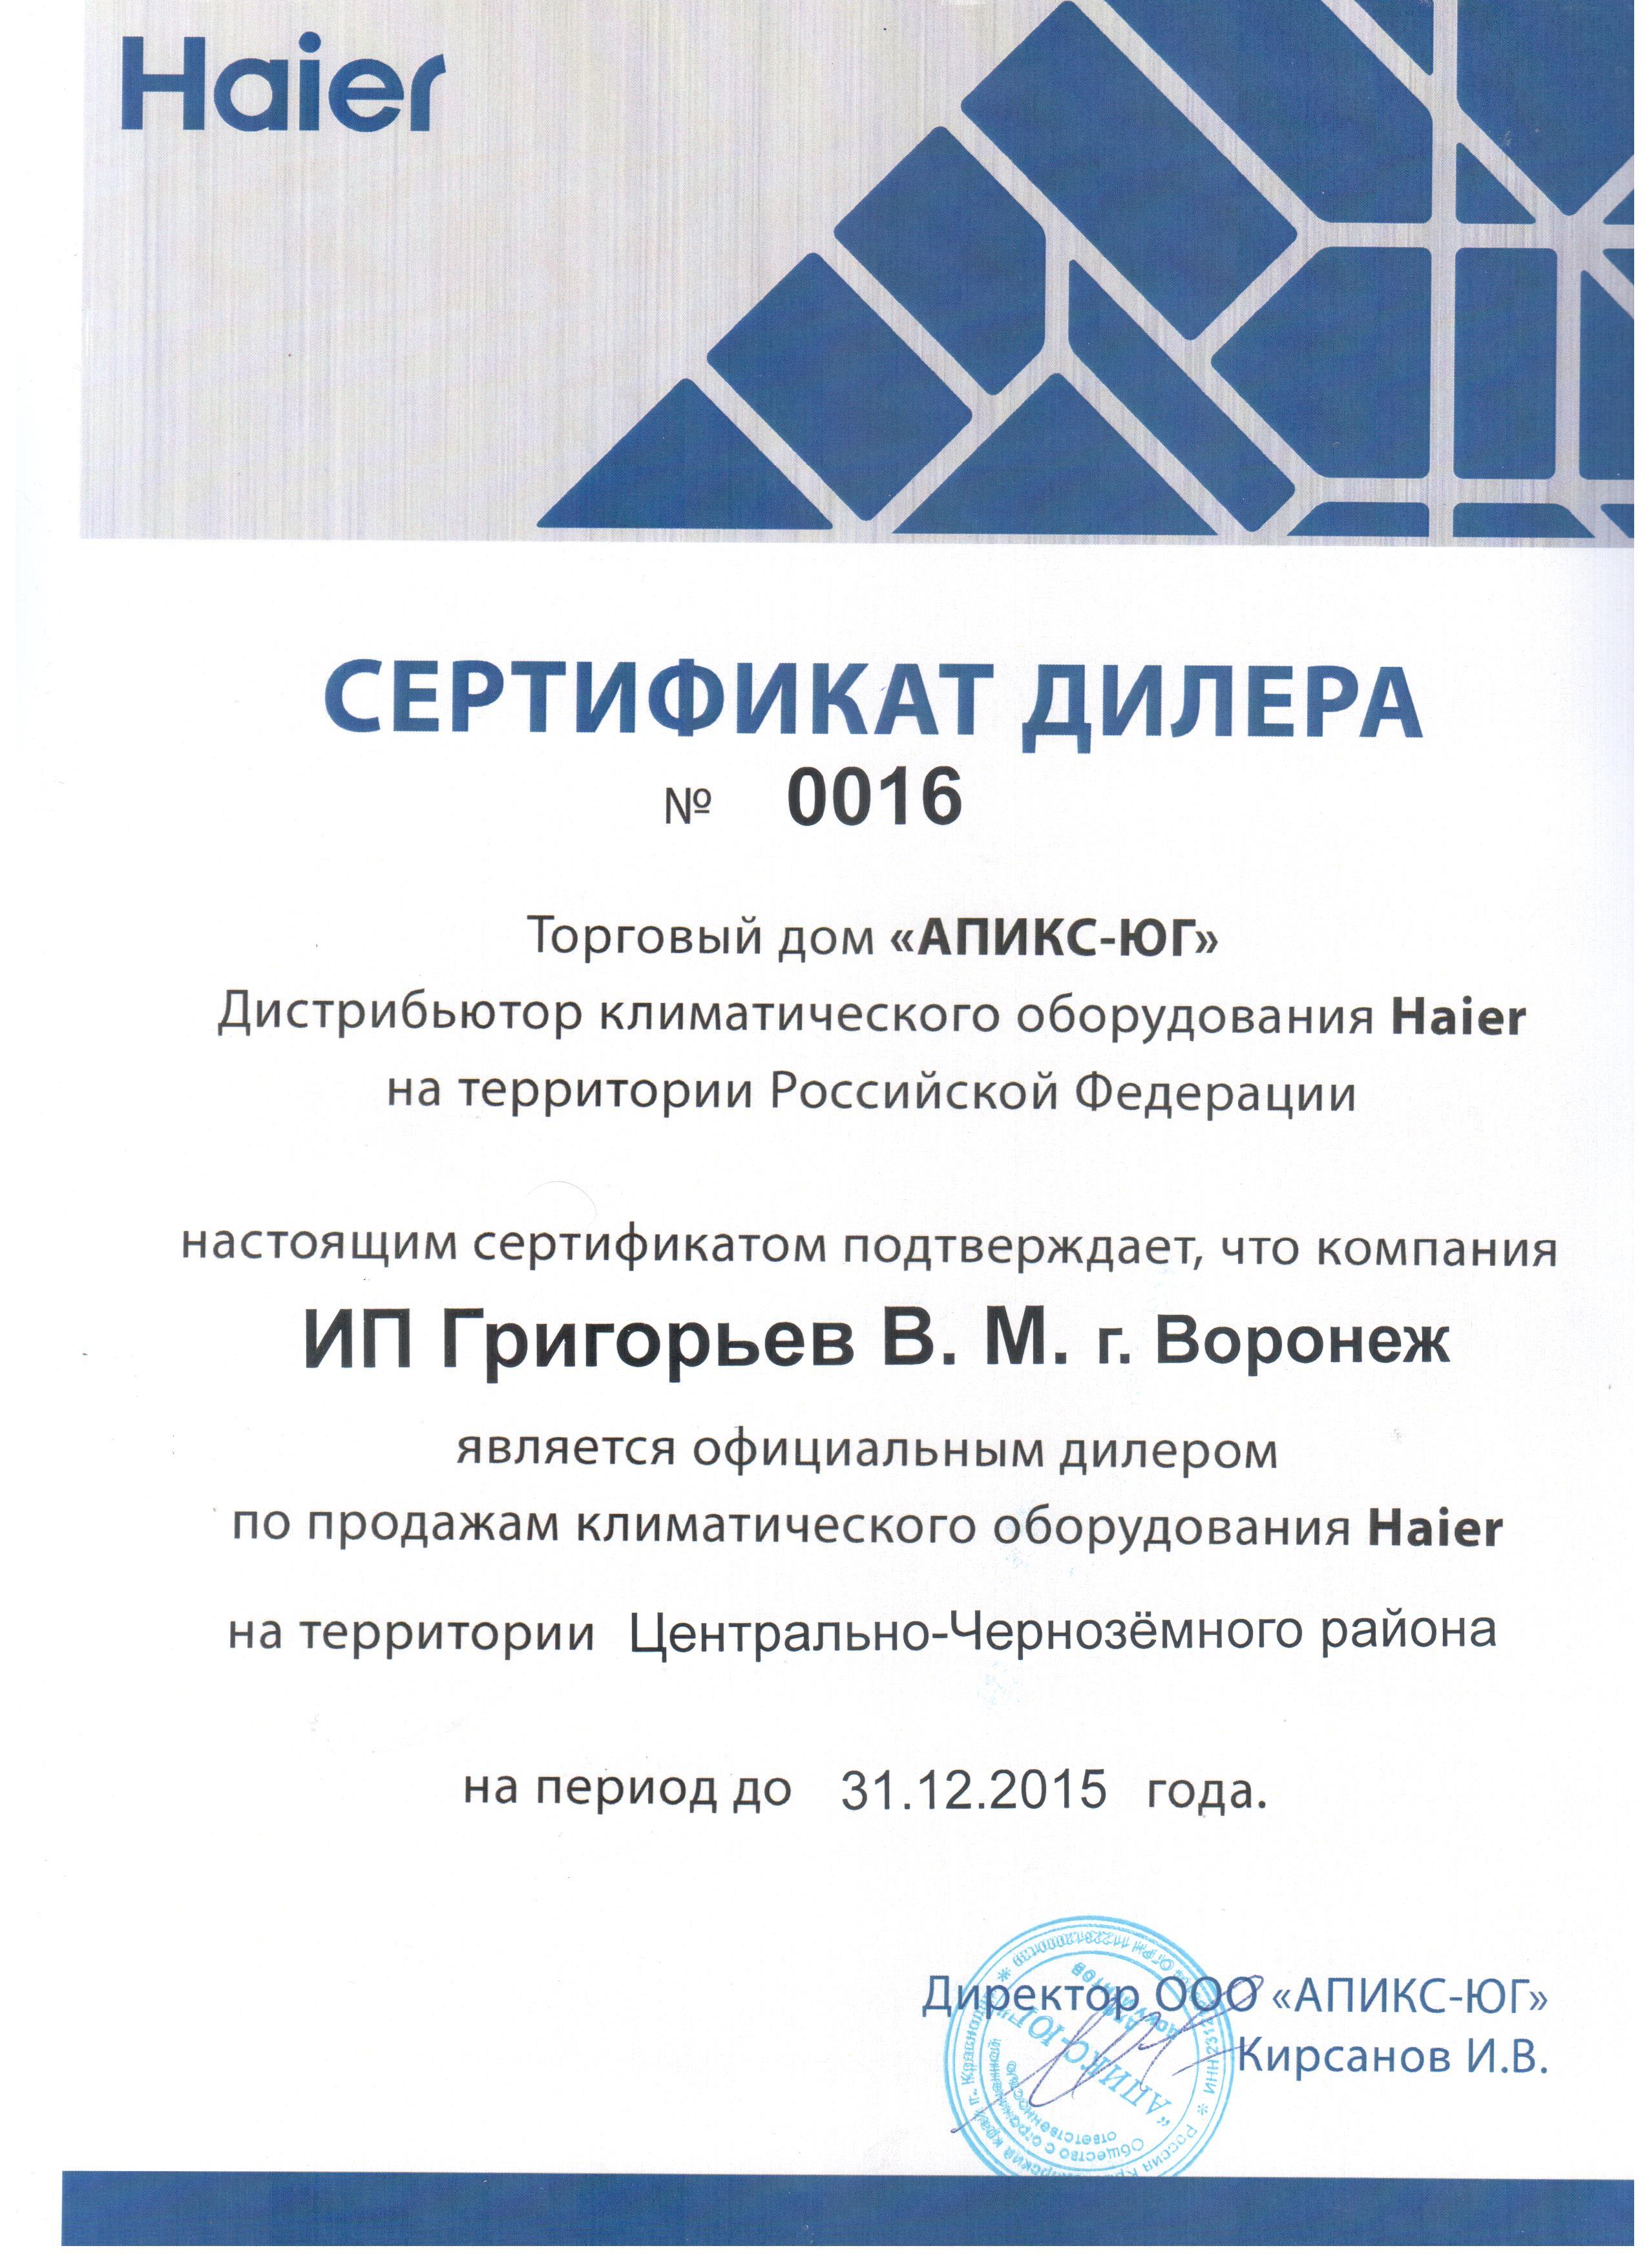 Нажмите на изображение, чтобы посмотреть сертификат Haier